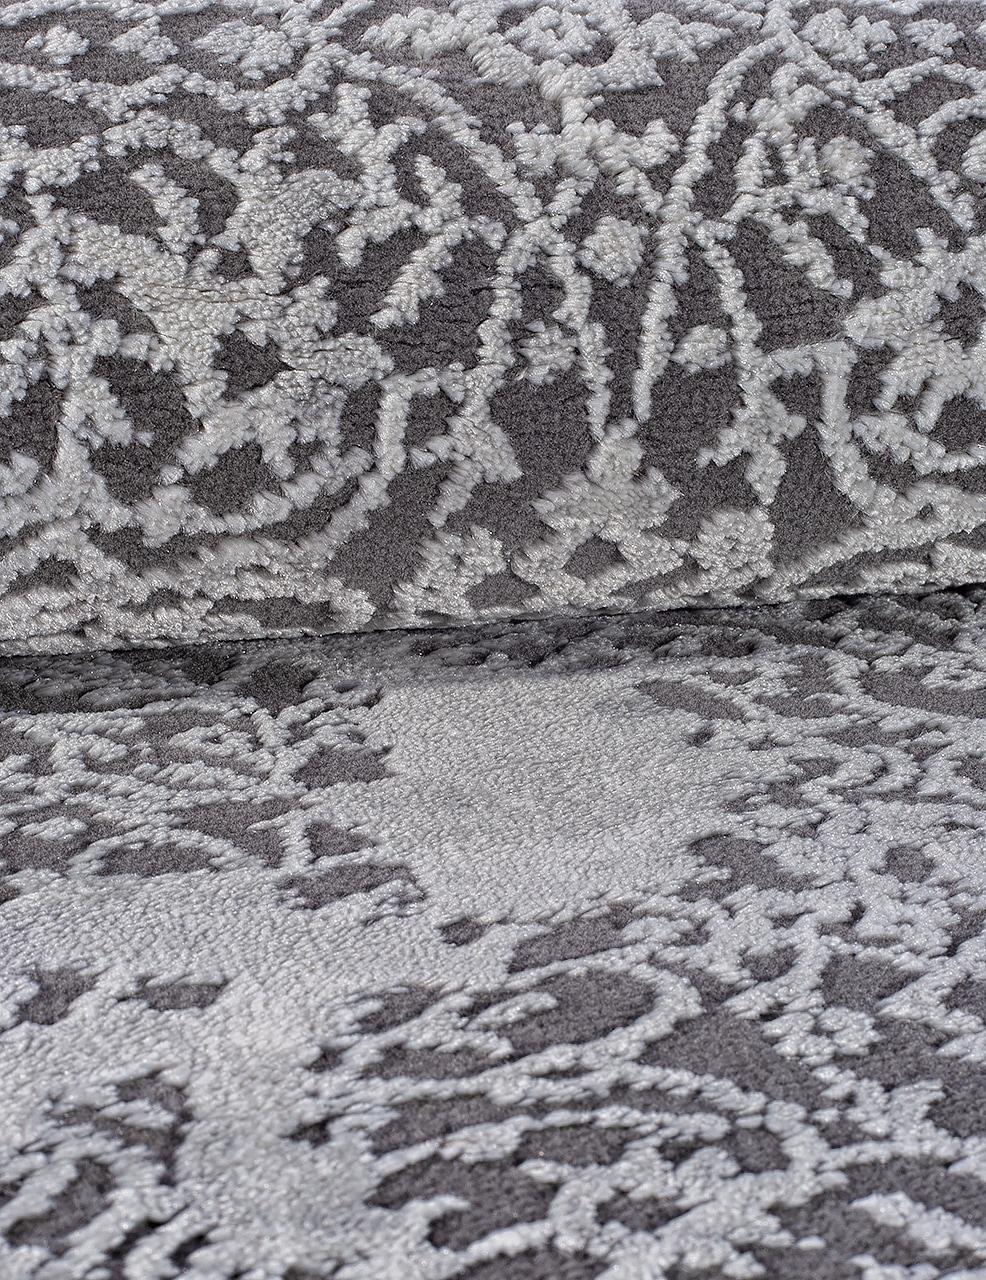 Ковер 03792A - GREY / GREY - Овал - коллекция ARMINA - фото 4